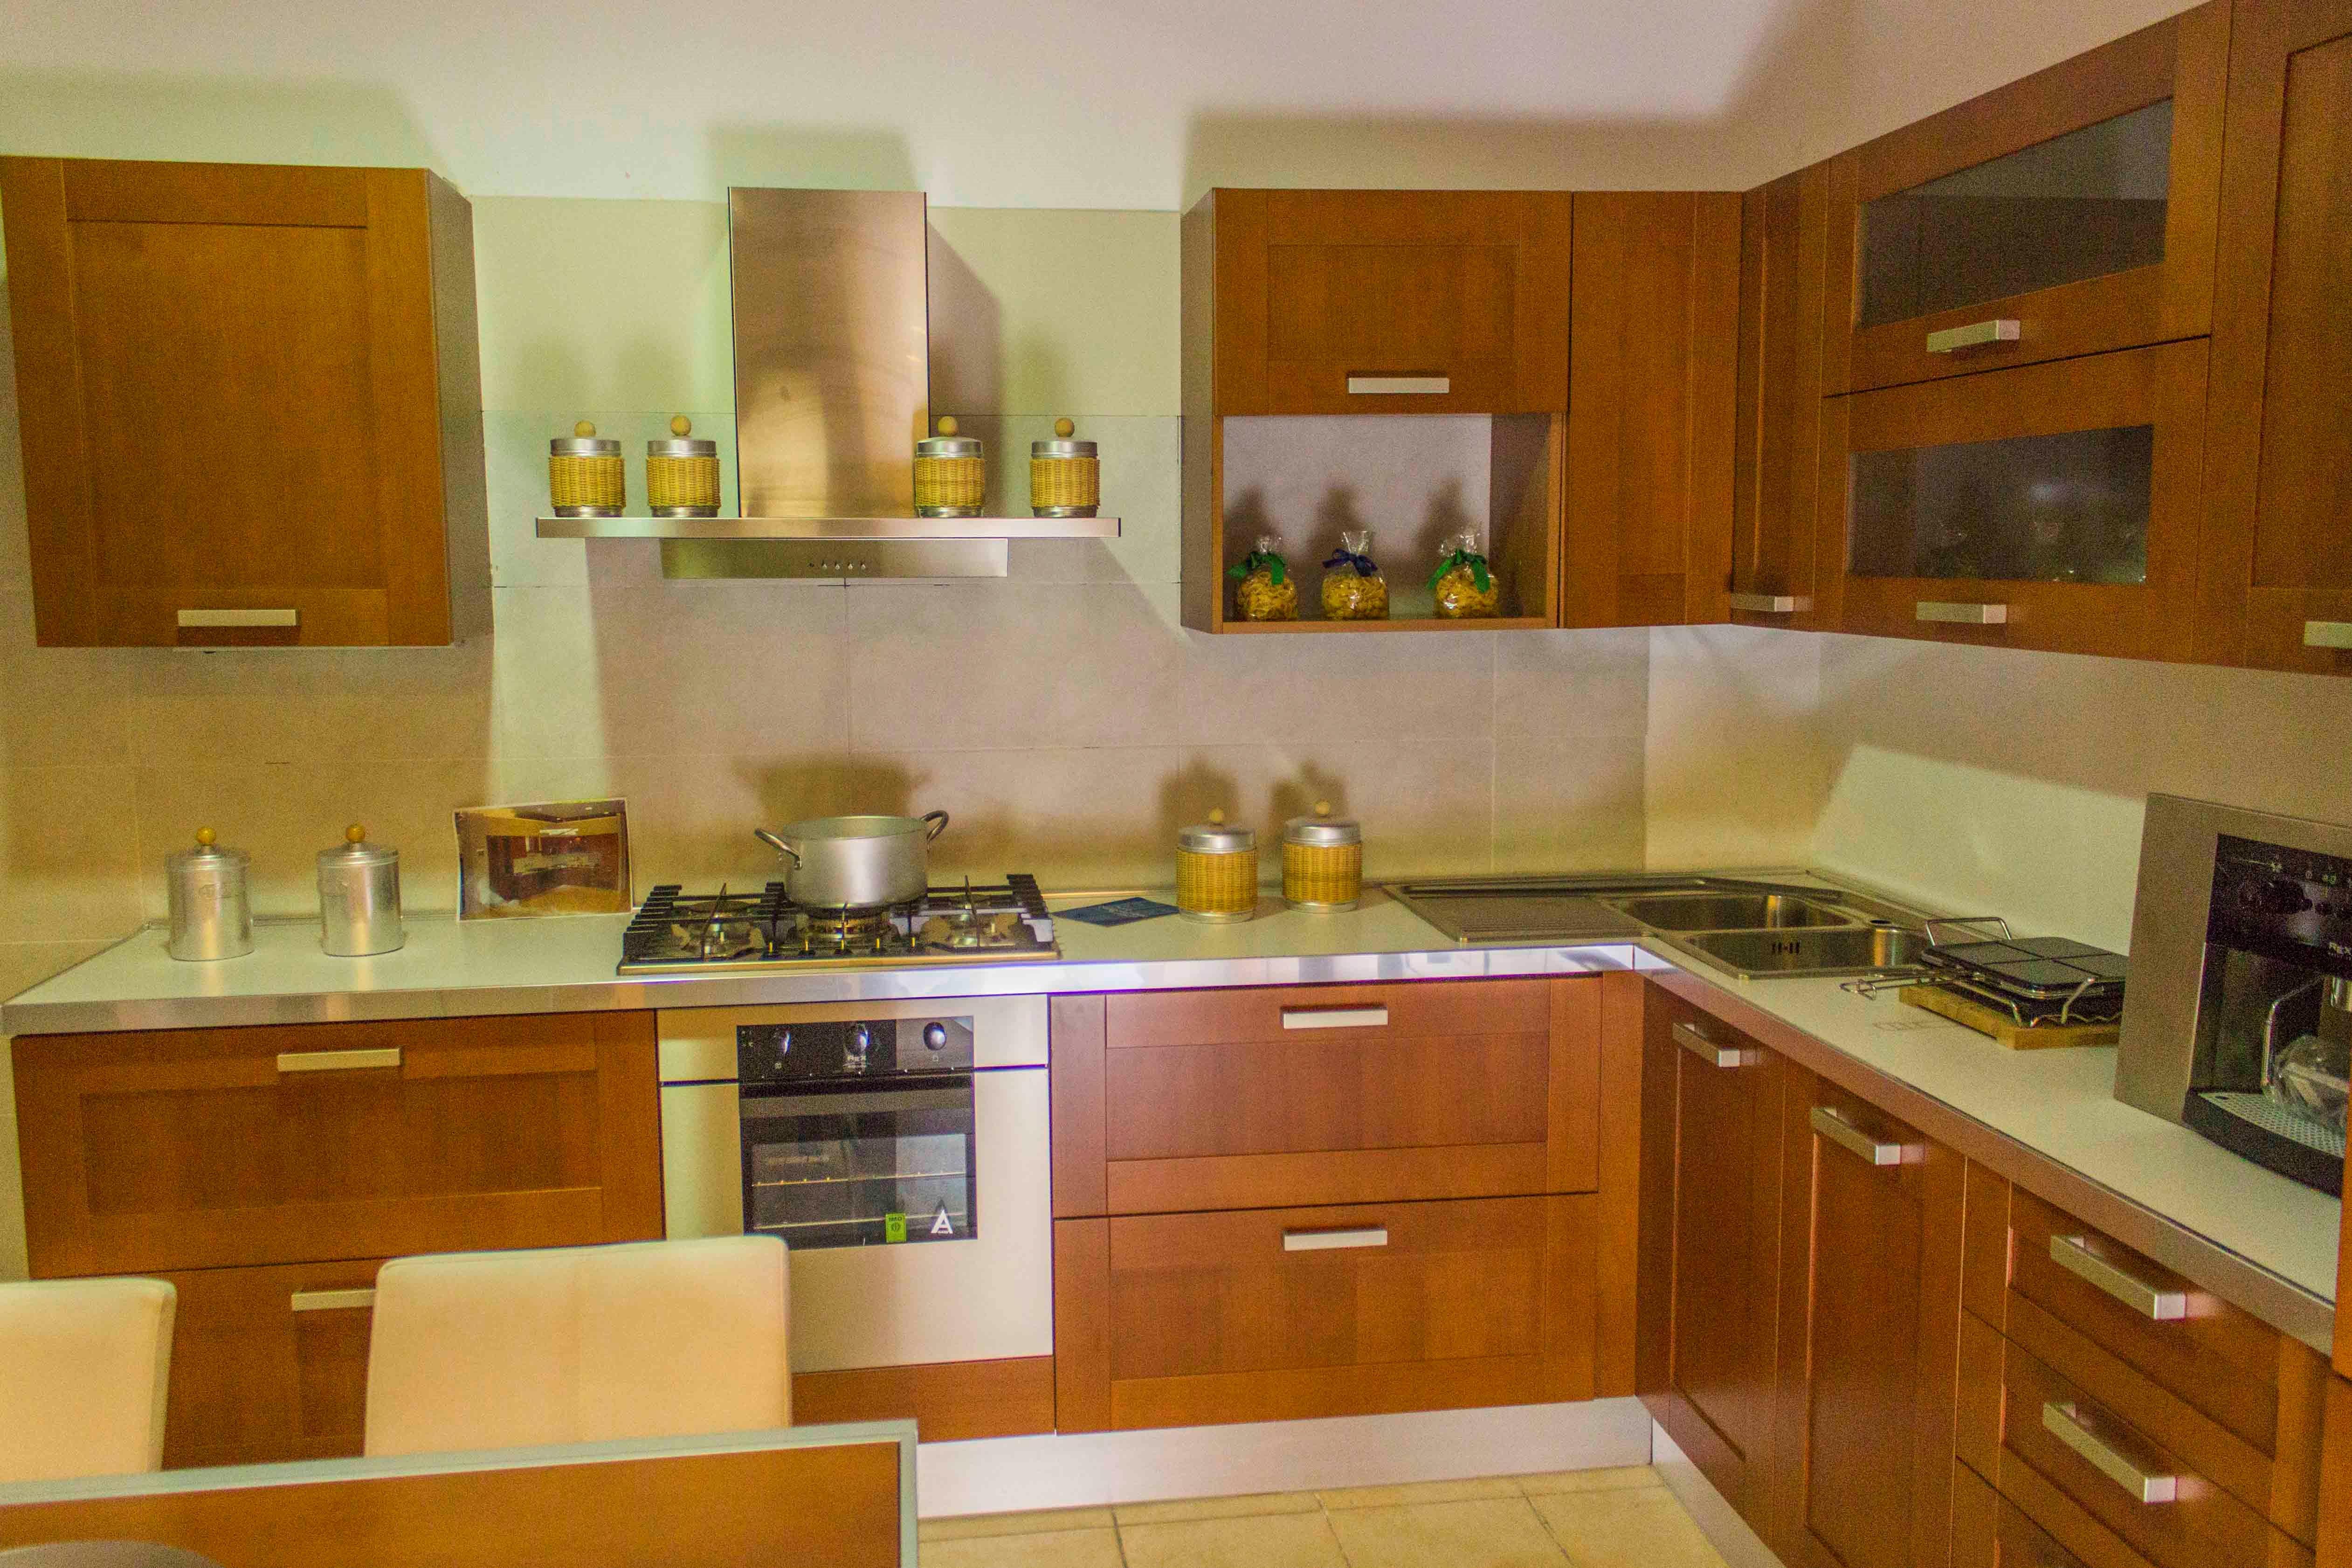 Veneta cucine cucina california colore ciliegio scontato del 68 cucine a prezzi scontati - Cucina veneta cucine ...